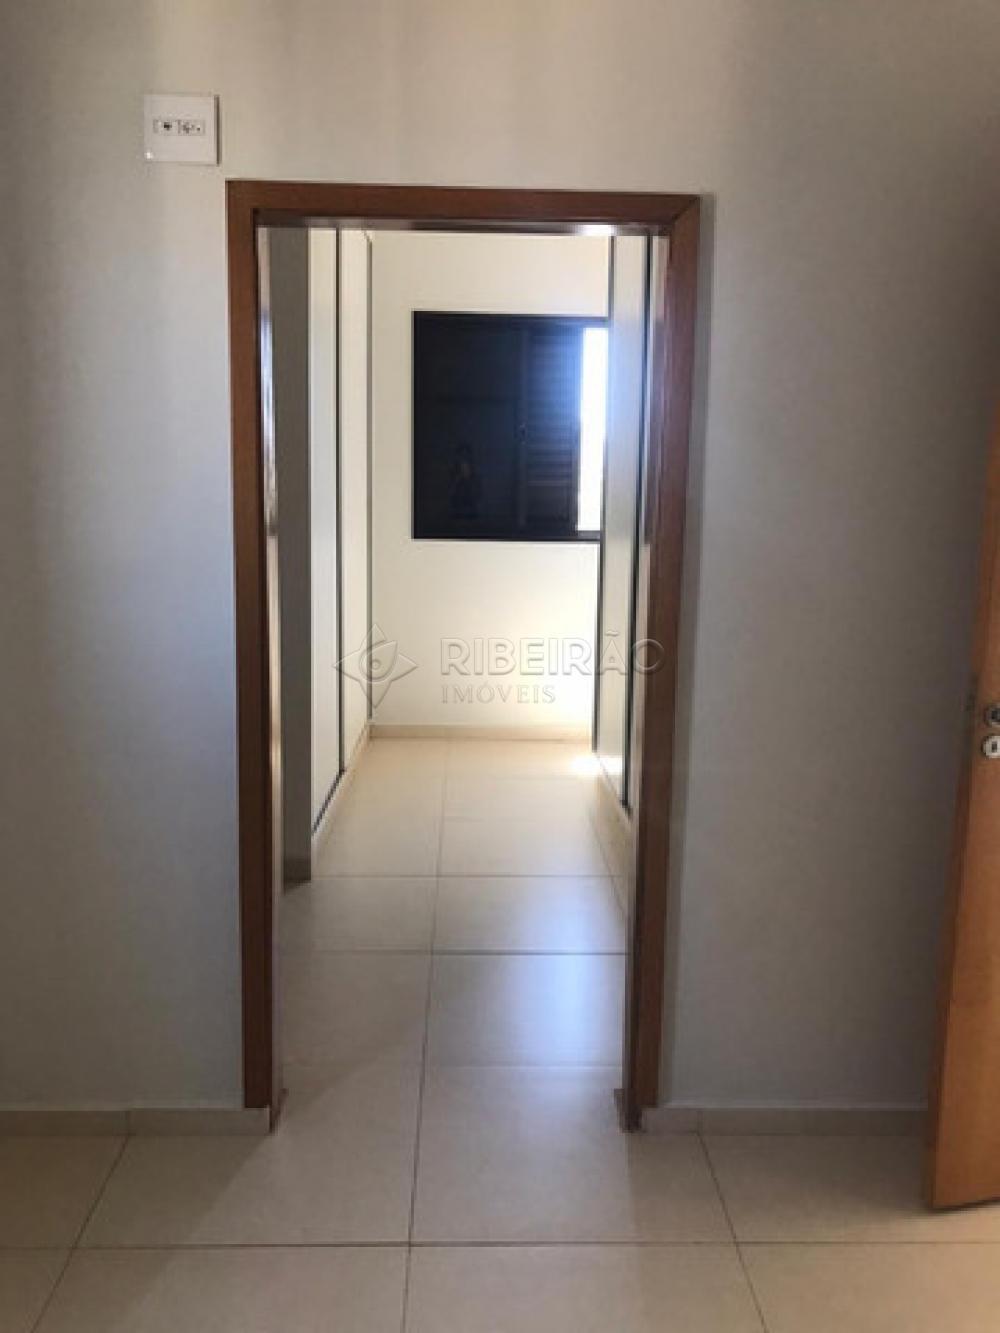 Comprar Apartamento / Padrão em Ribeirão Preto apenas R$ 479.000,00 - Foto 2